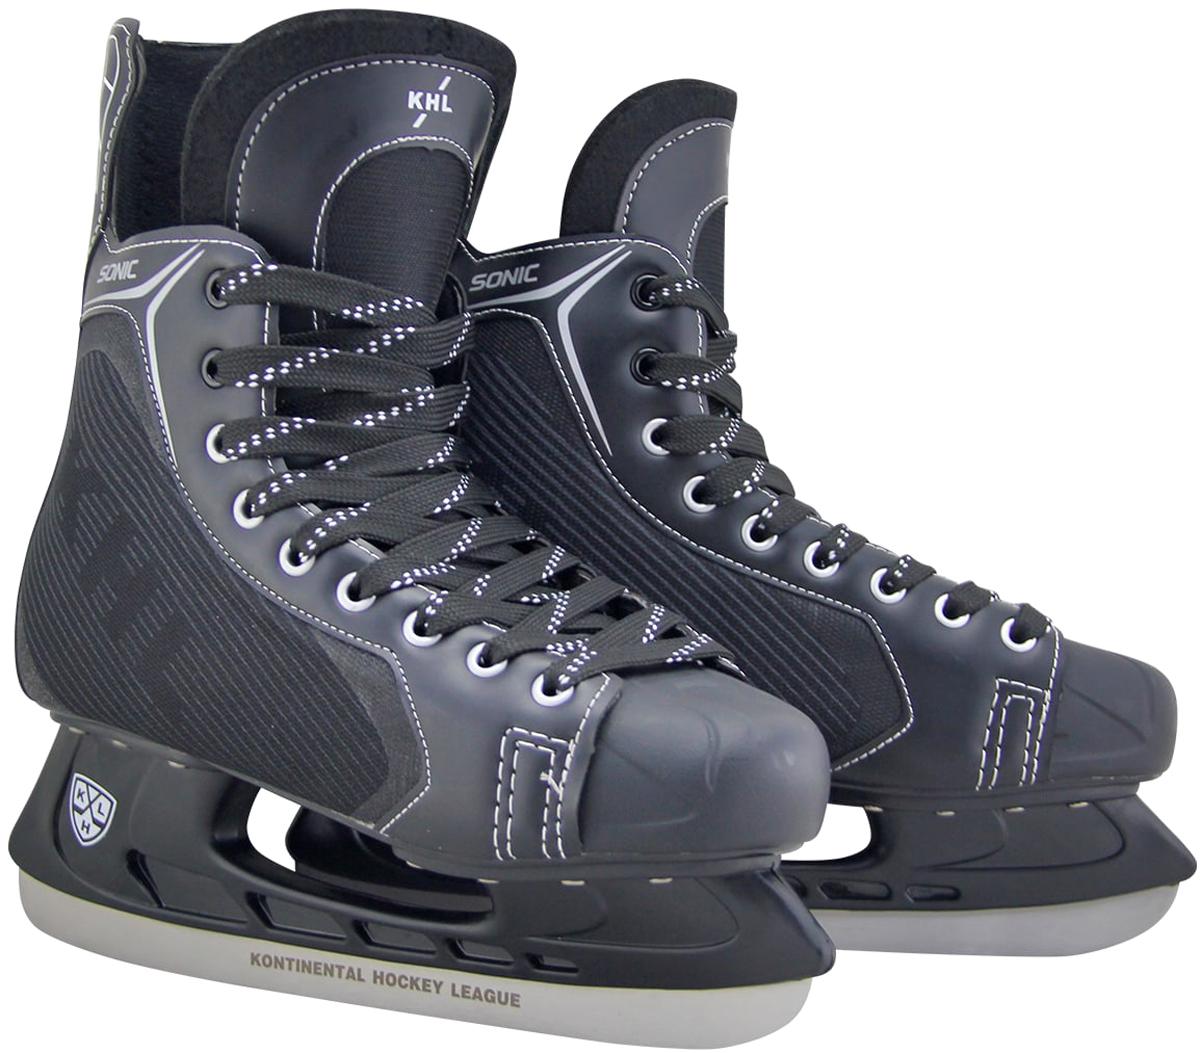 Коньки хоккейные мужские KHL Sonic, цвет: черный, серый, белый. Размер 44УТ-00010443Хоккейные коньки KHL Sonic являются официальной лицензионной продукцией Континентальной Хоккейной Лиги (КХЛ). Это прекрасная любительская модель коньков с уникальным стильным дизайном, выполненным в новой стилистической концепции КХЛ. В таких коньках вы будете выделяться на любом катке. Коньки КХЛ Sonic - это прекрасный подарок для любого любителя хоккея!Коньки поставляются в стильной коробке и с заводской заточкой лезвия, что позволяет сразу приступить к катанию, не тратя время и денег на заточку. Коньки подходят для использования на открытом и закрытом льду.Характеристики: Тип фиксации: шнуркиРазмеры: 37, 38, 39, 40, 41, 42, 43, 44, 45, 46Цвет: черный, серый, белыйМатериал ботинка: искусственная кожа, высокопрочная нейлоновая ткань, ударостойкий пластикВнутренняя отделка: текстильные материалыЛезвие: лезвие выполнено из высокоуглеродистой стали с покрытием из никеляУпаковка: Красочная коробка Дополнительно: Гарантия 1 год